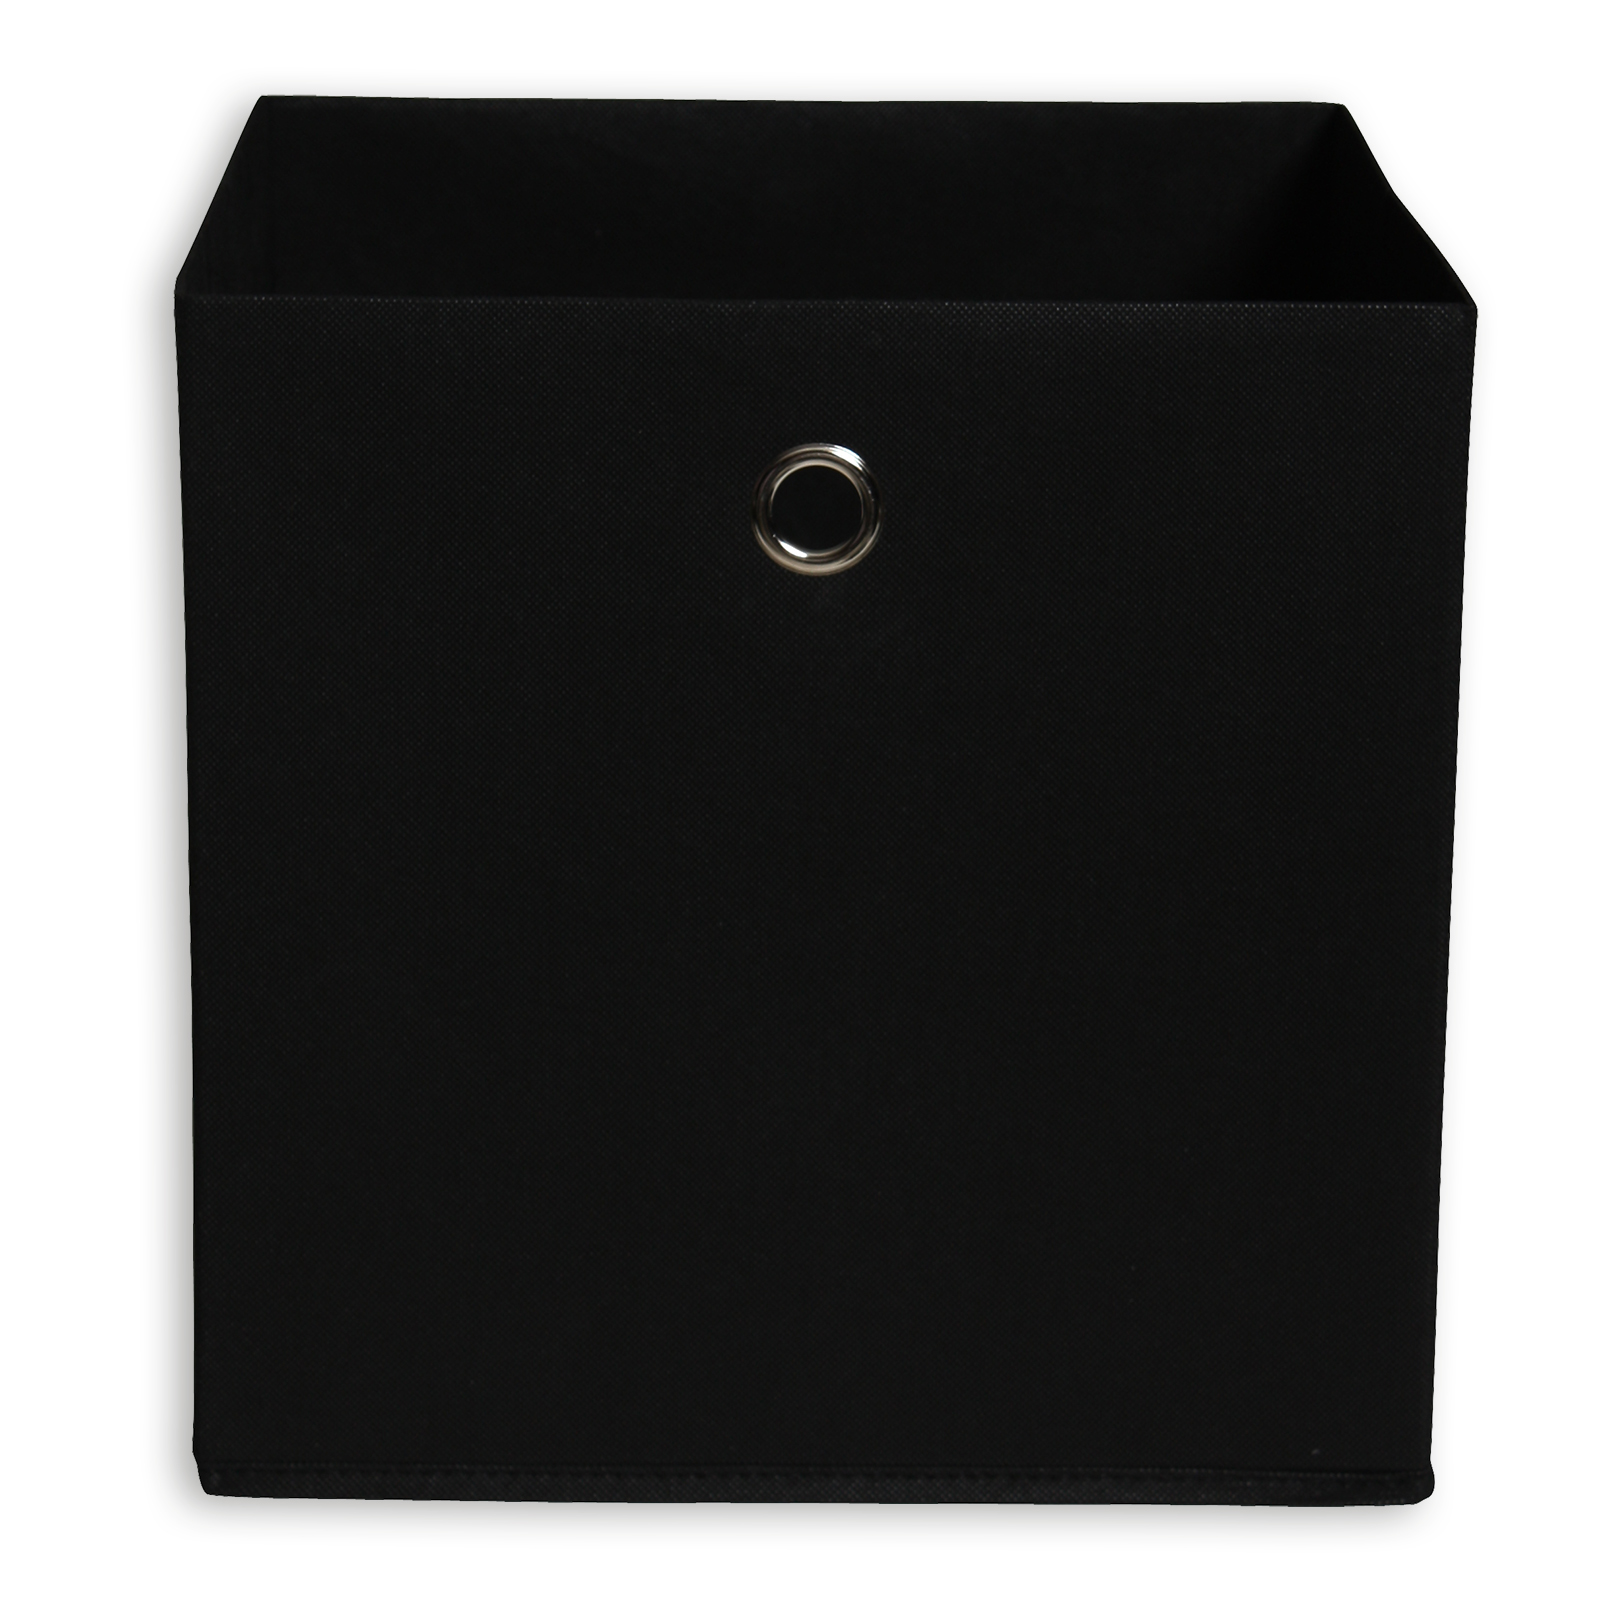 Faltbox Schwarz Mit Metallöse 32x32 Cm